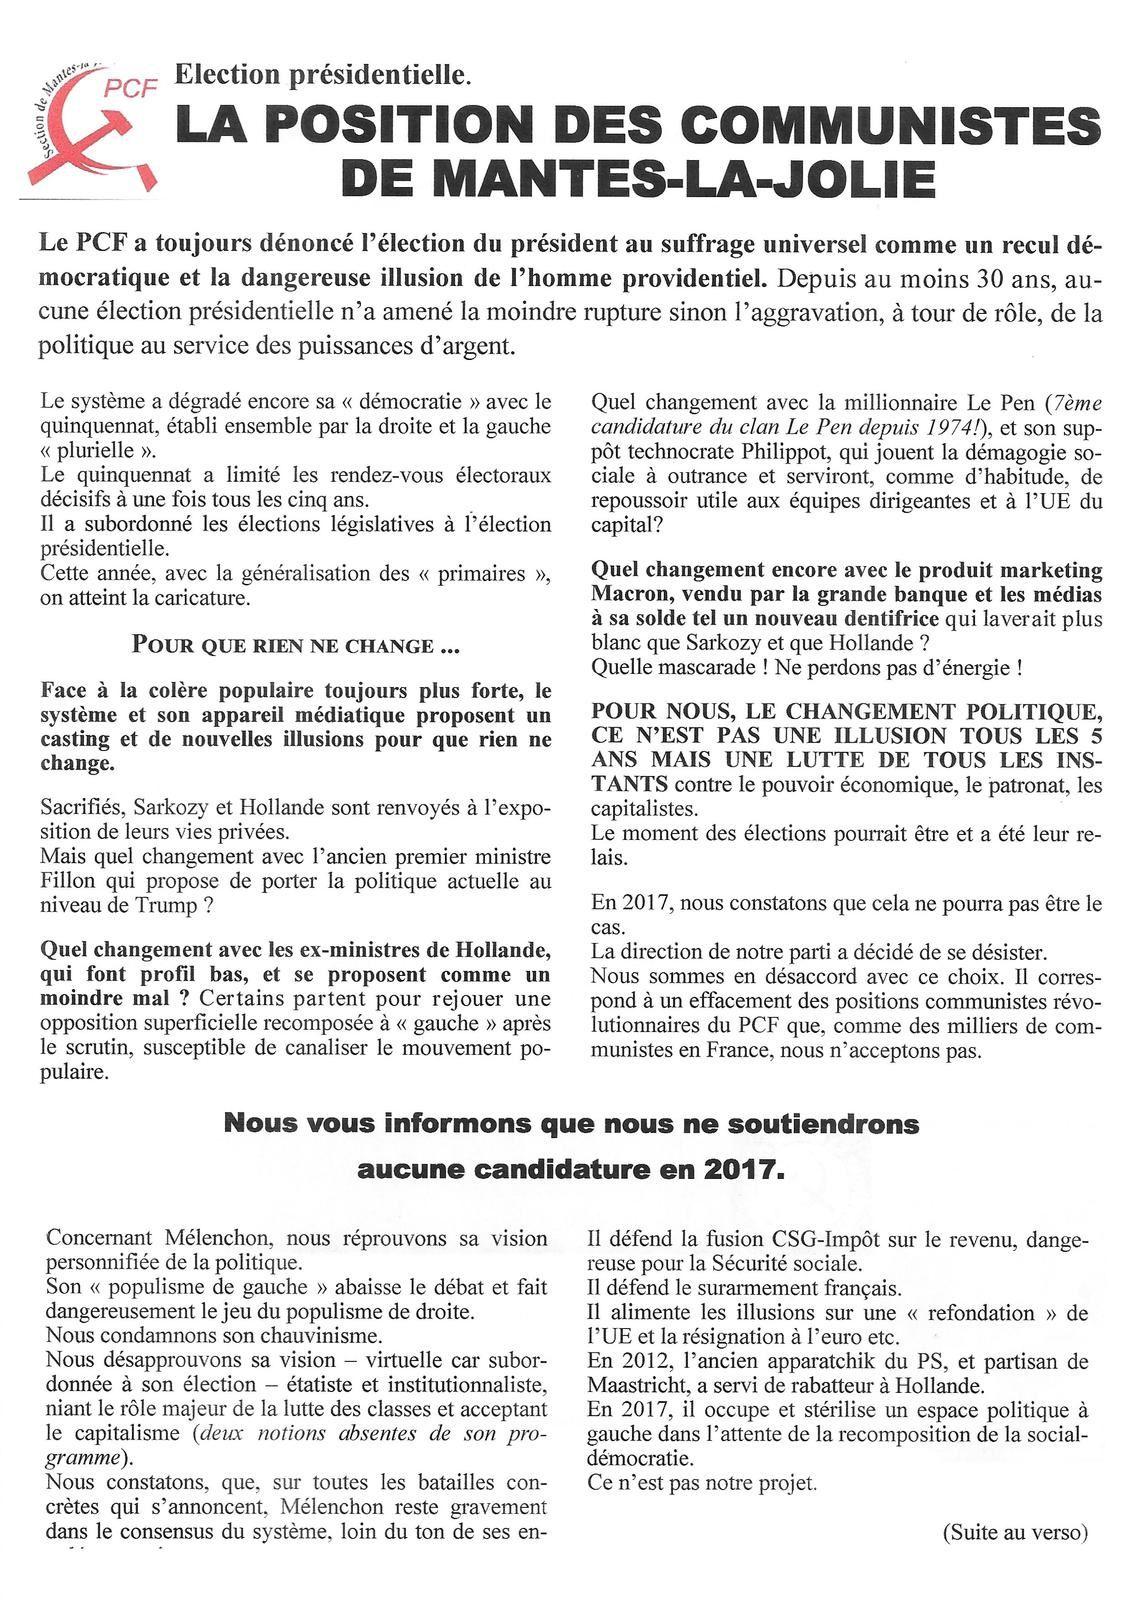 ELECTION PRESIDENTIELLE. La position des communistes de Mantes-la-Jolie